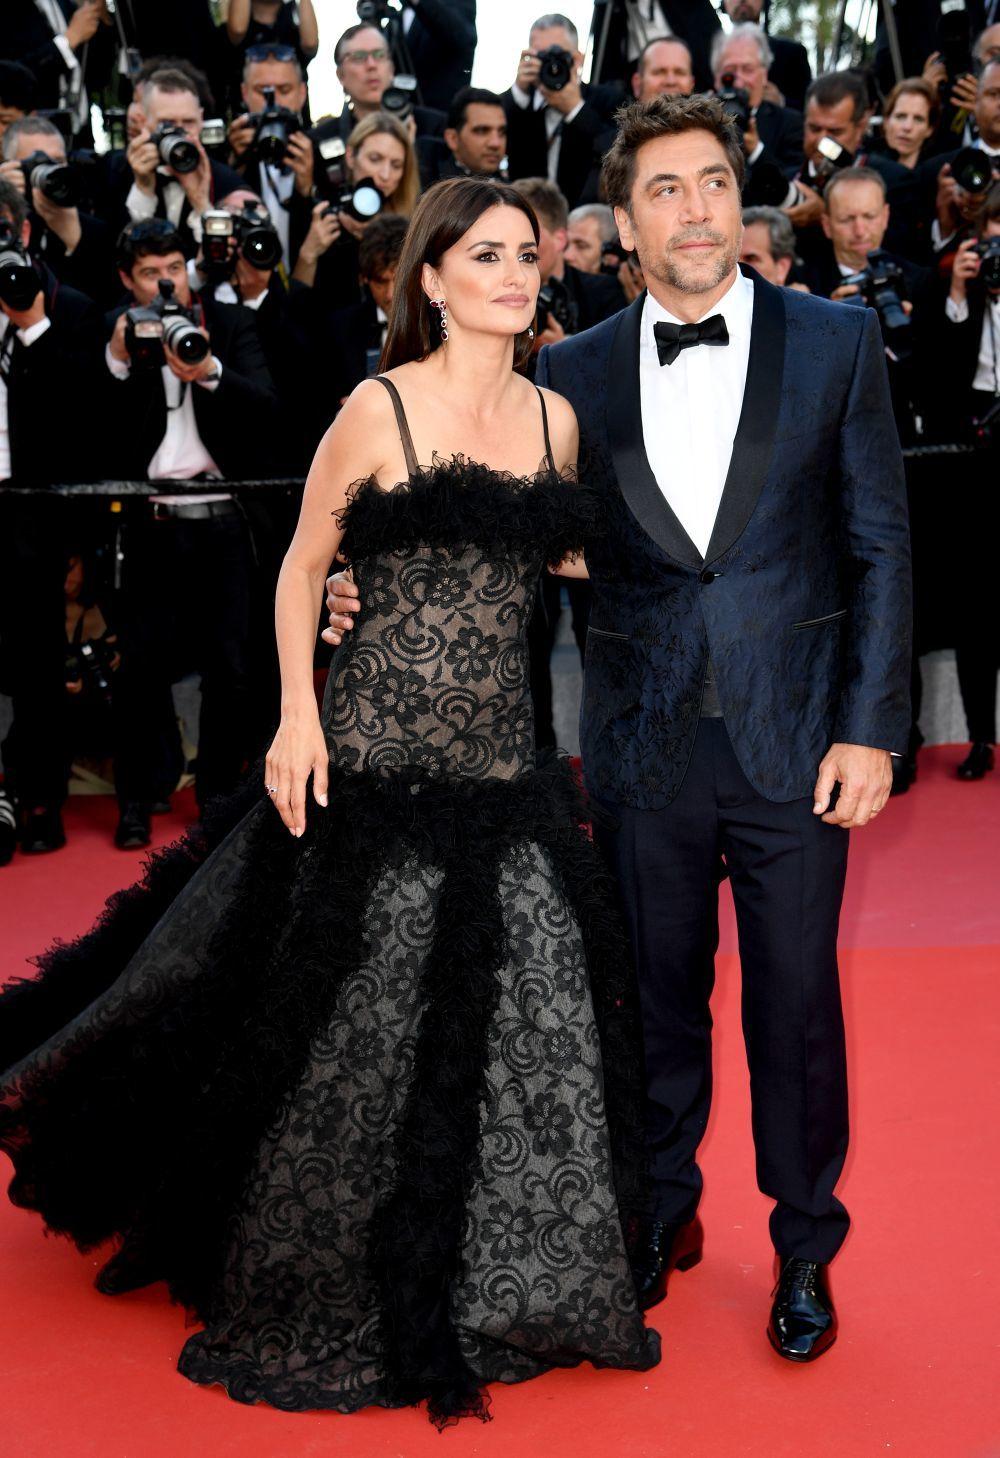 La pareja se convirtió en la gran protagonista de la noche. Ambos...